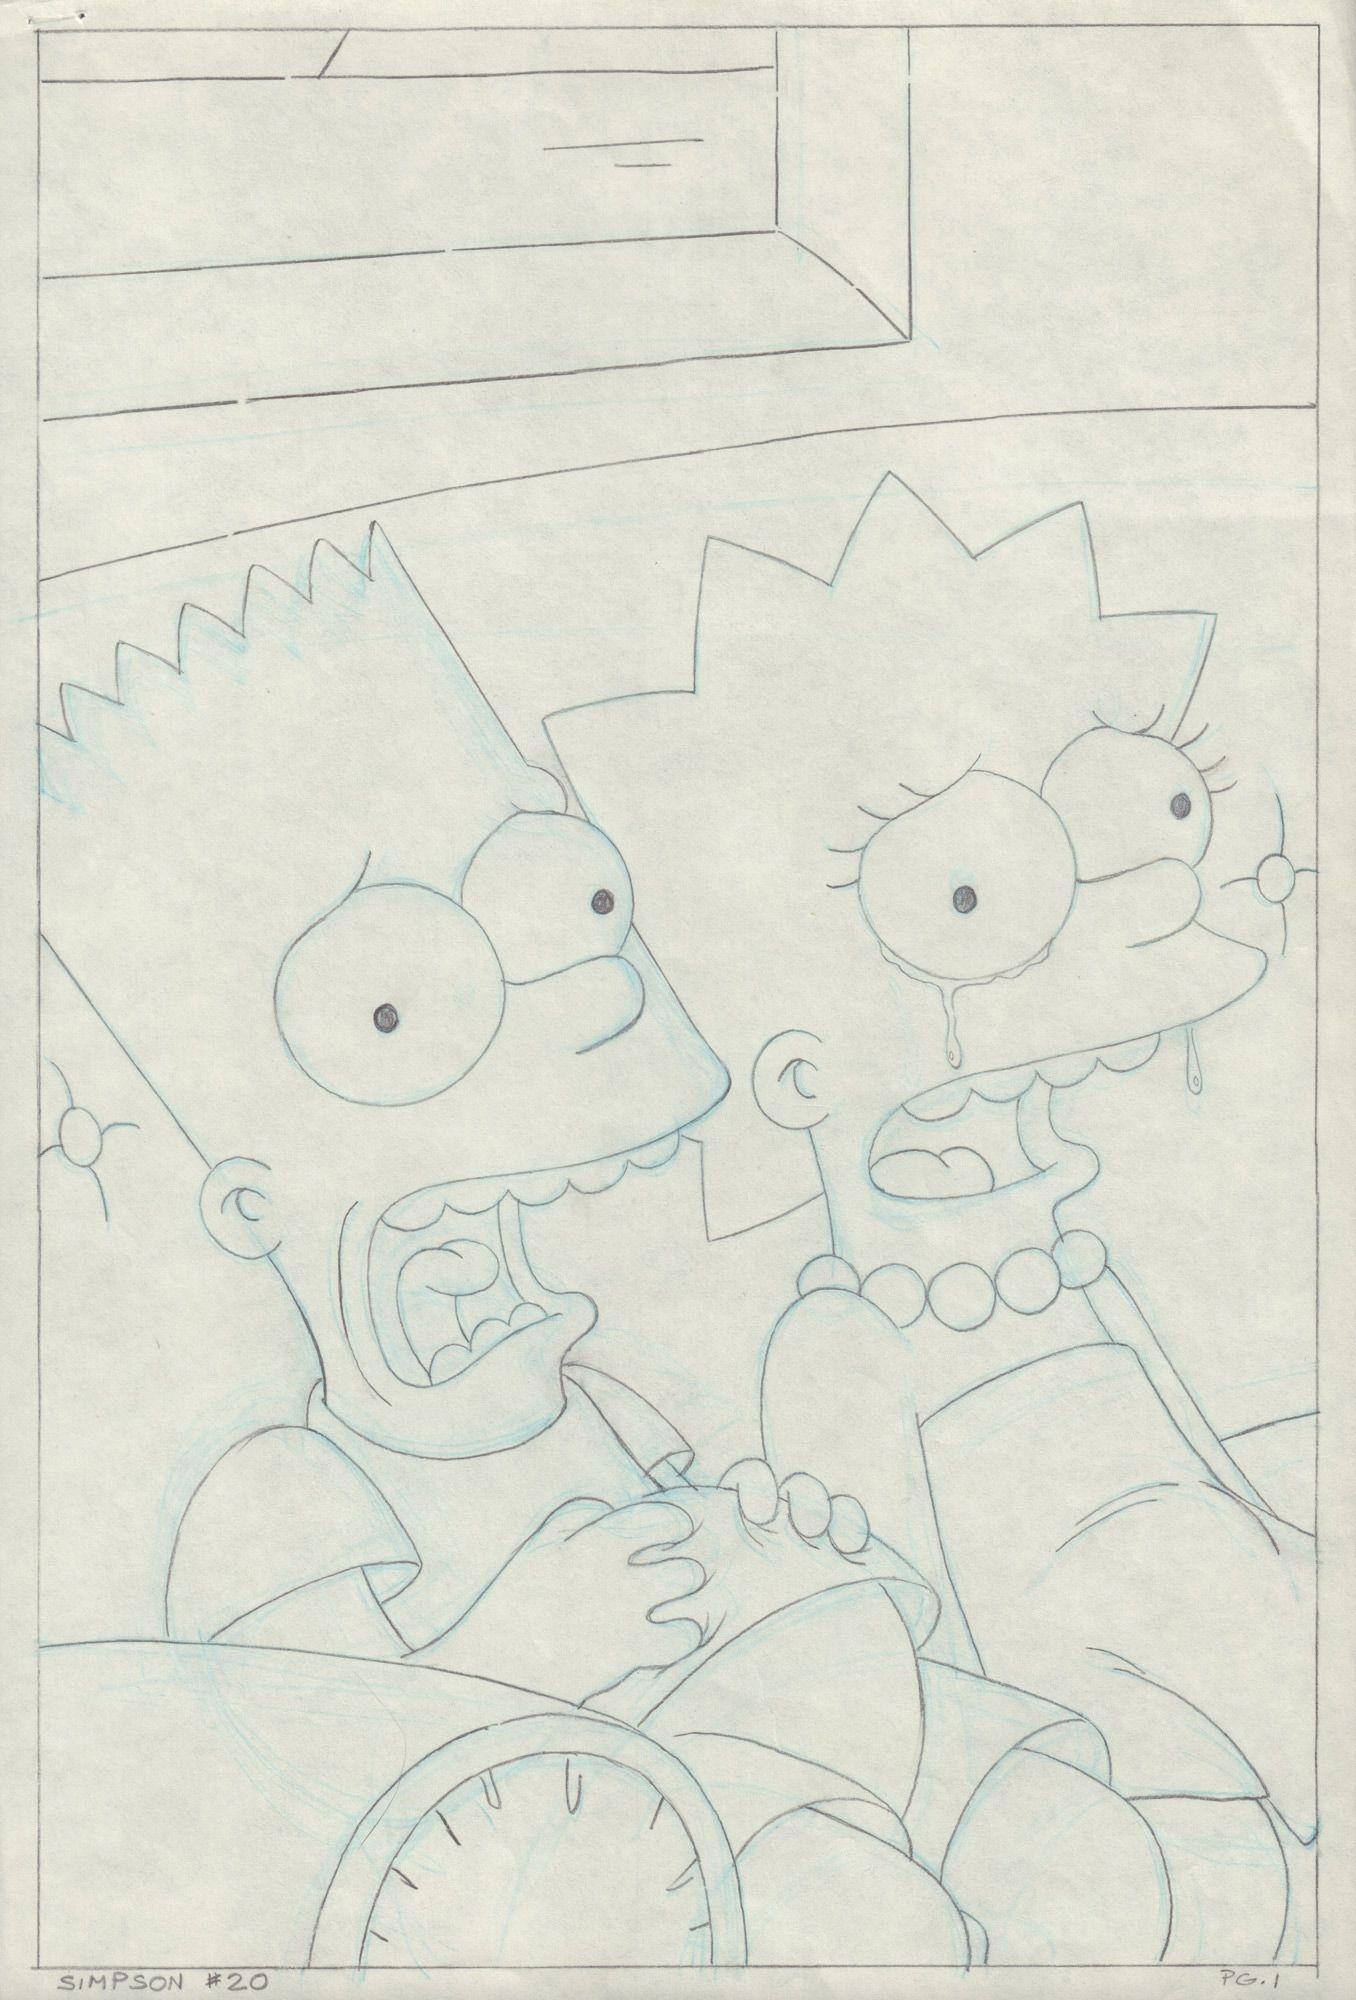 Simpsons Comics #20 / 1